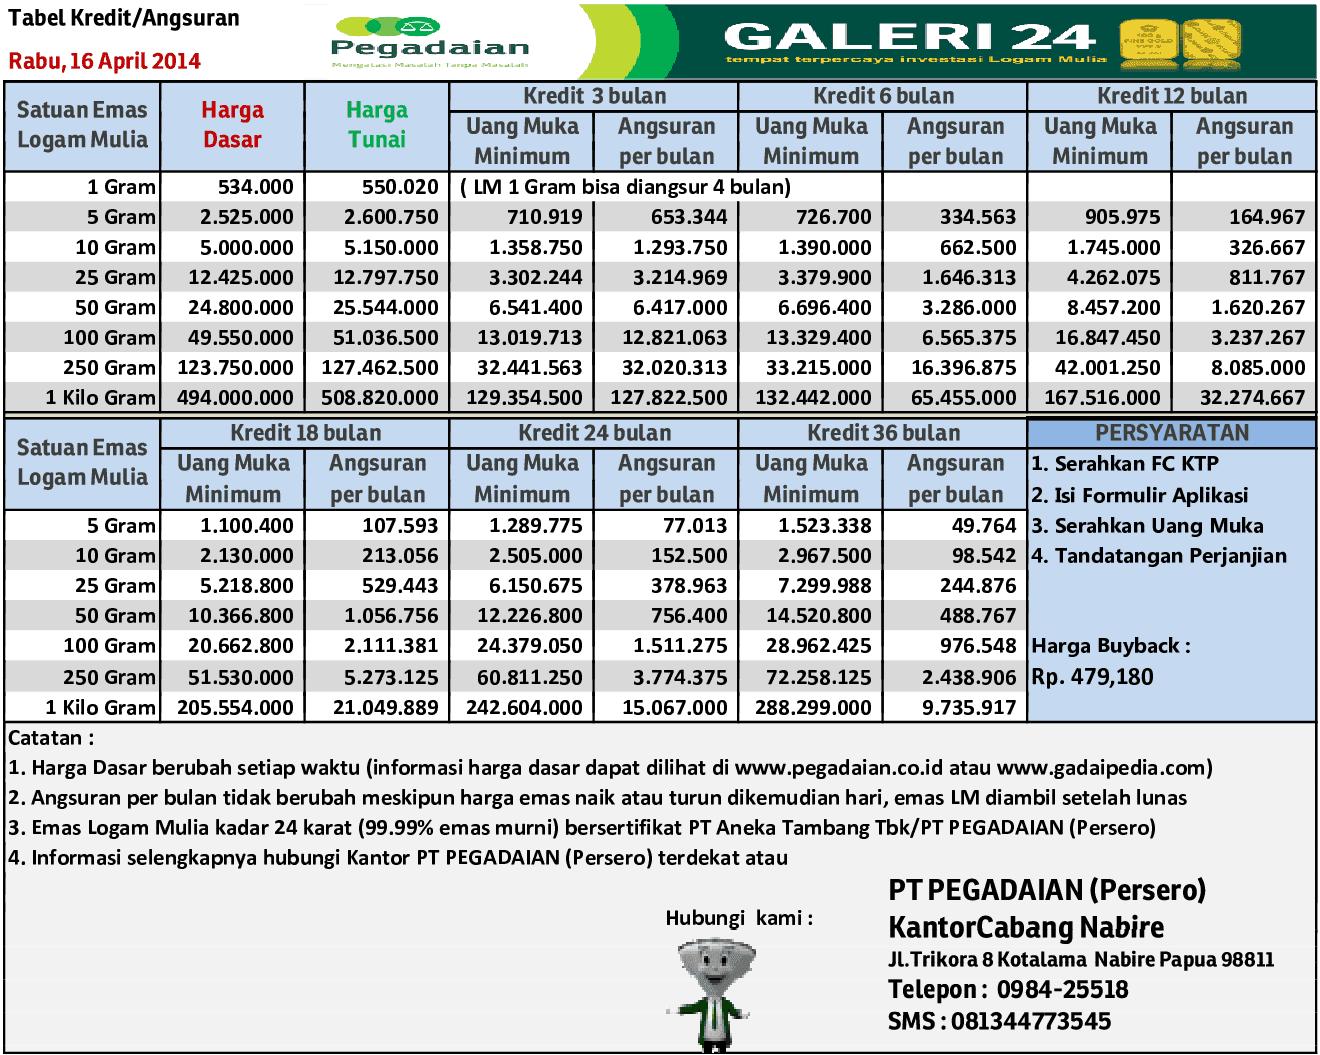 harga emas dan tabel kredit emas pegadaian 16 april 2014